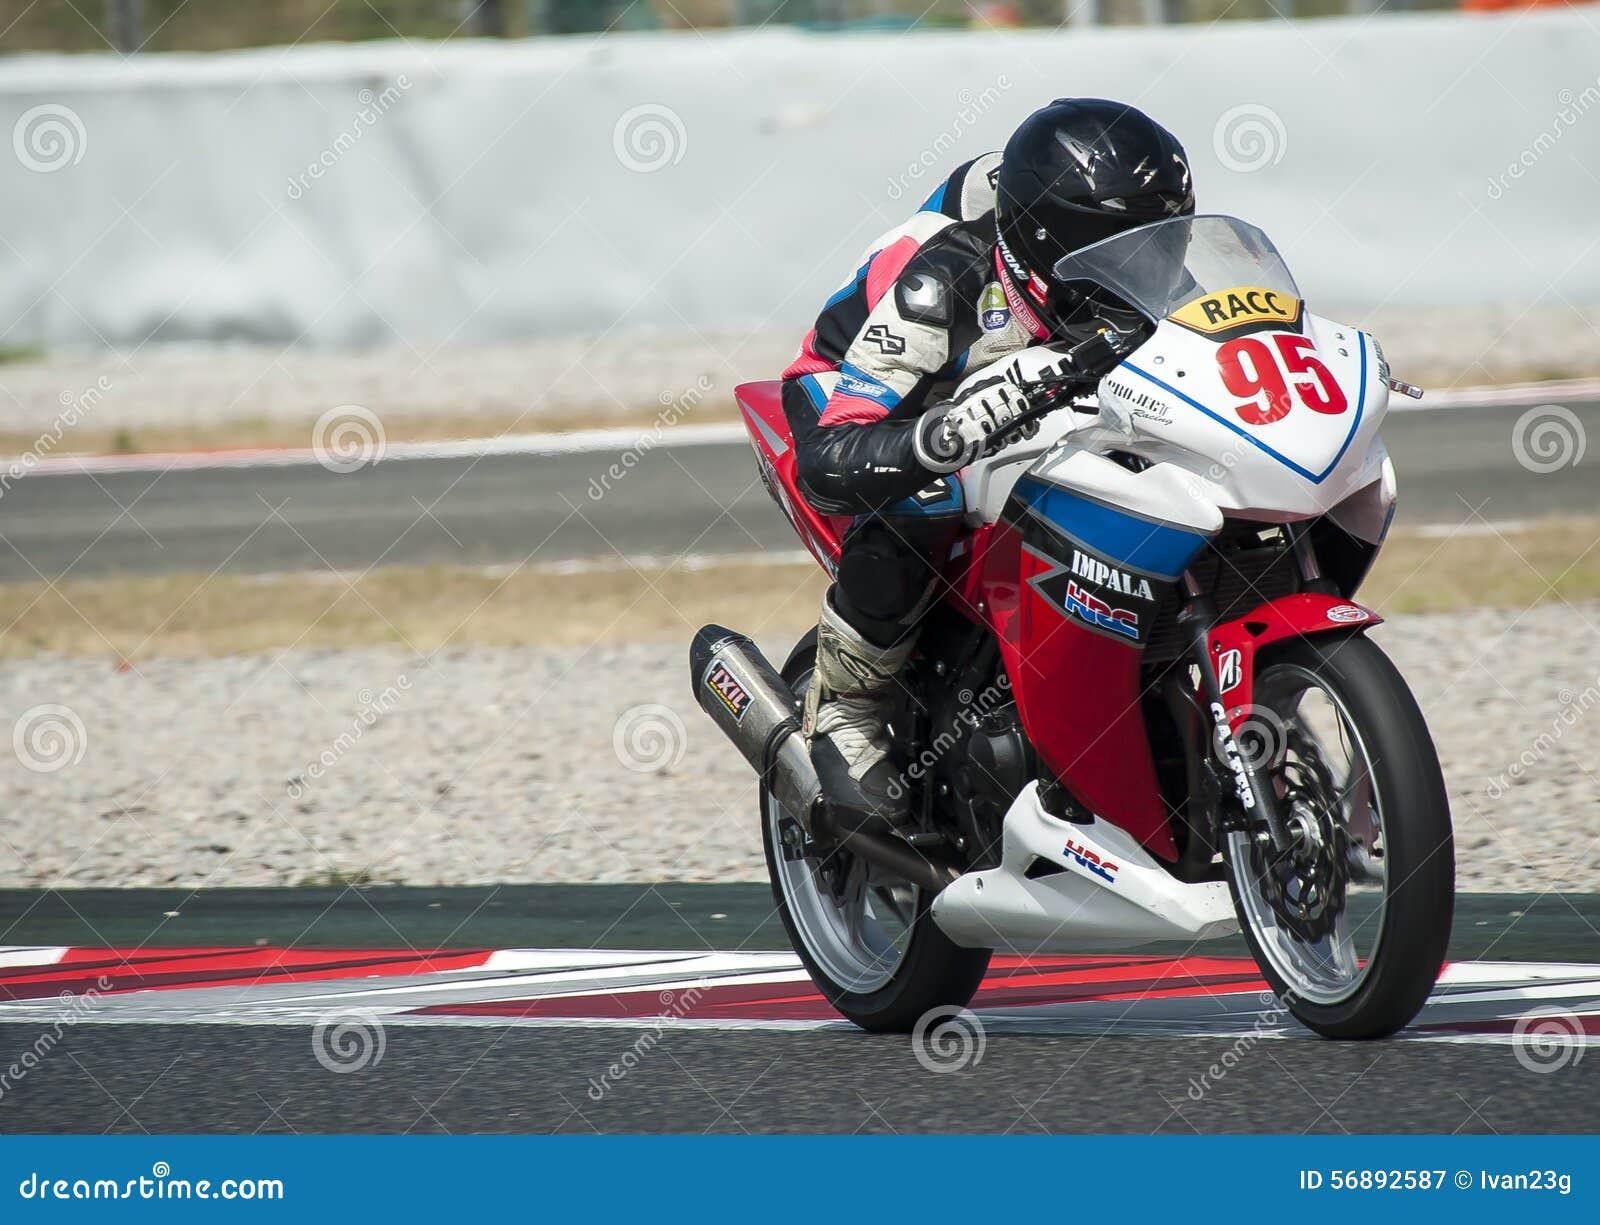 CAMPIONATO CATALANO DI MOTOCICLISMO